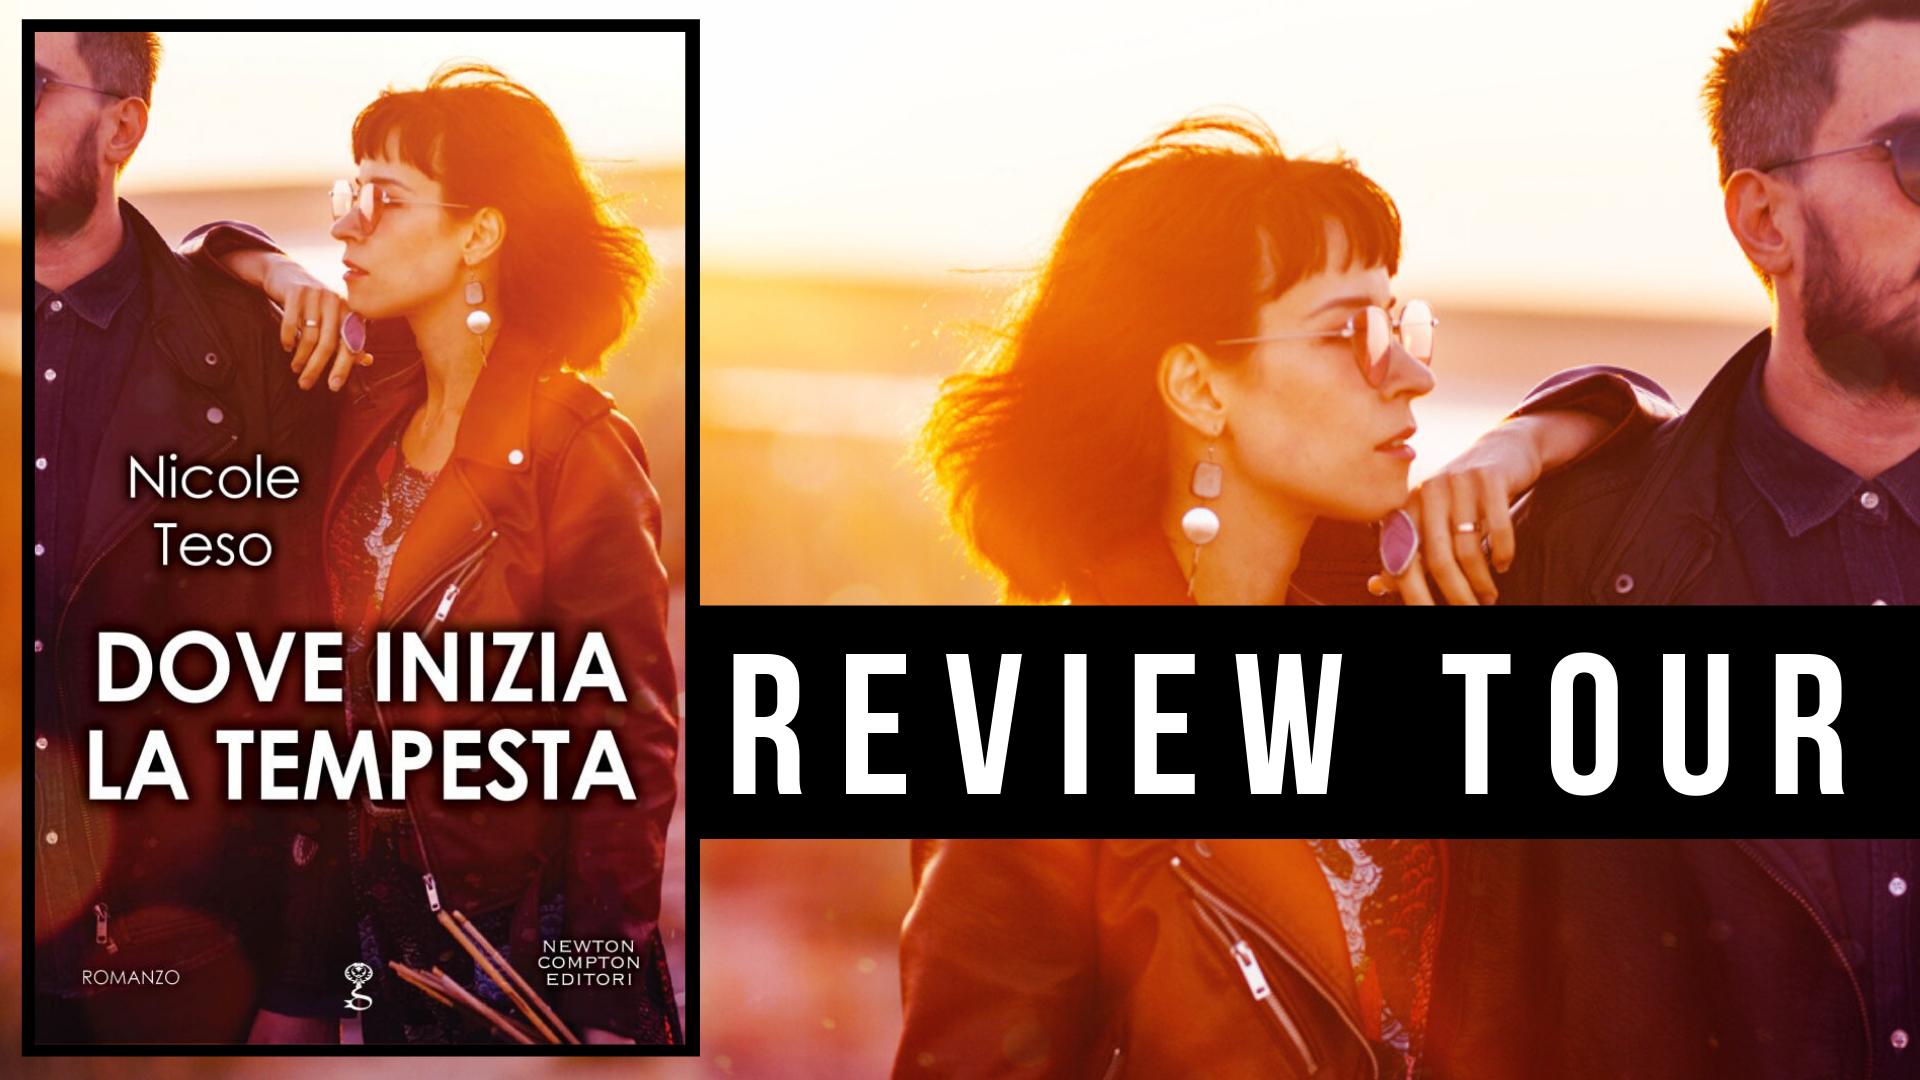 """Review tour, """"dove inizia la tempesta"""" di Nicole Teso"""